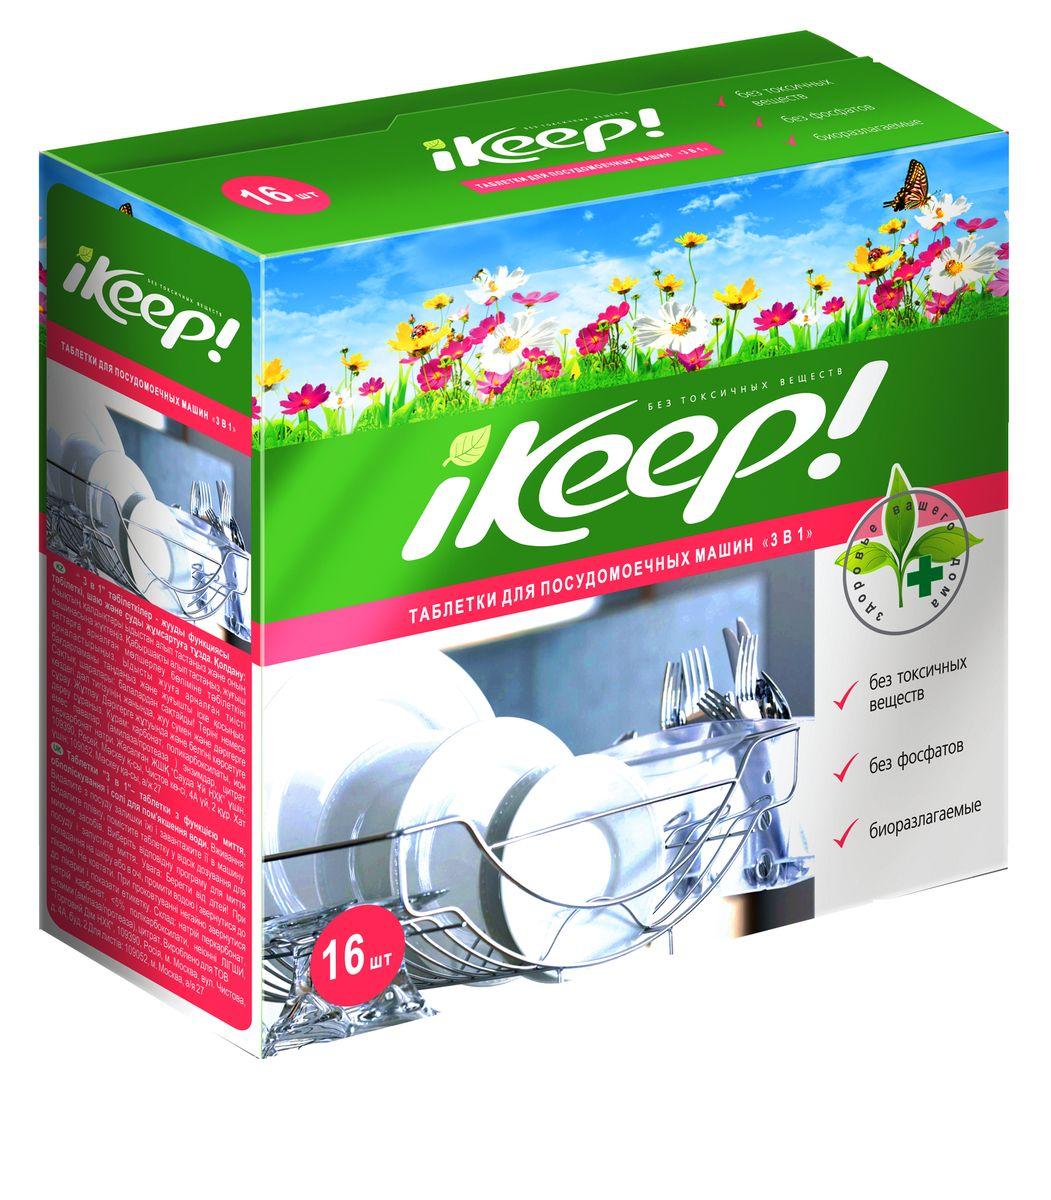 Таблетки для посудомоечной машины Ikeep 3 в 1, 16 шт4605845000121БЕЗ токсичных веществ, НЕ содержат фосфатов. Экологичные таблетки для посудомоечных машин. Формула с активным кислородом с добавлением энзимов (амилаза и протелаза) растворяет даже трудновыводимые засохшие остатки пищи любого происхождения. Средство не требует дополнительного применения ополаскивателя и соли. Содержит специальные добавки для смягчения воды и энзимы для растворения жиров и крахмала.